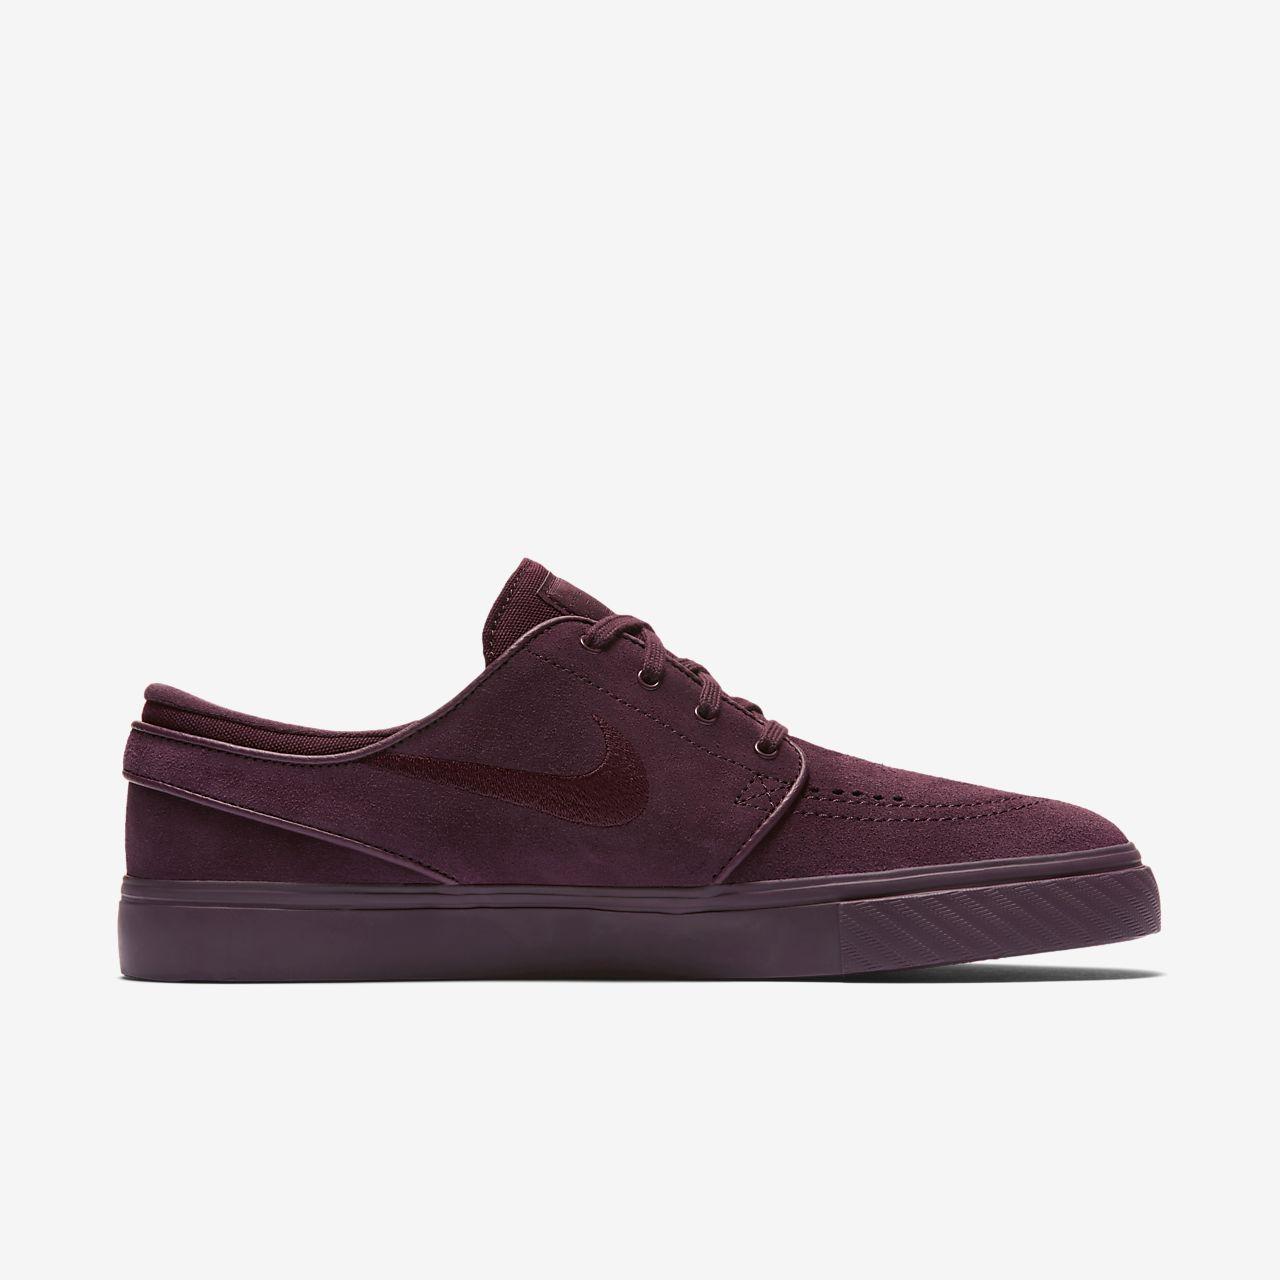 89bcfb6e963b4 Nike Zoom Stefan Janoski Men's Skate Shoe